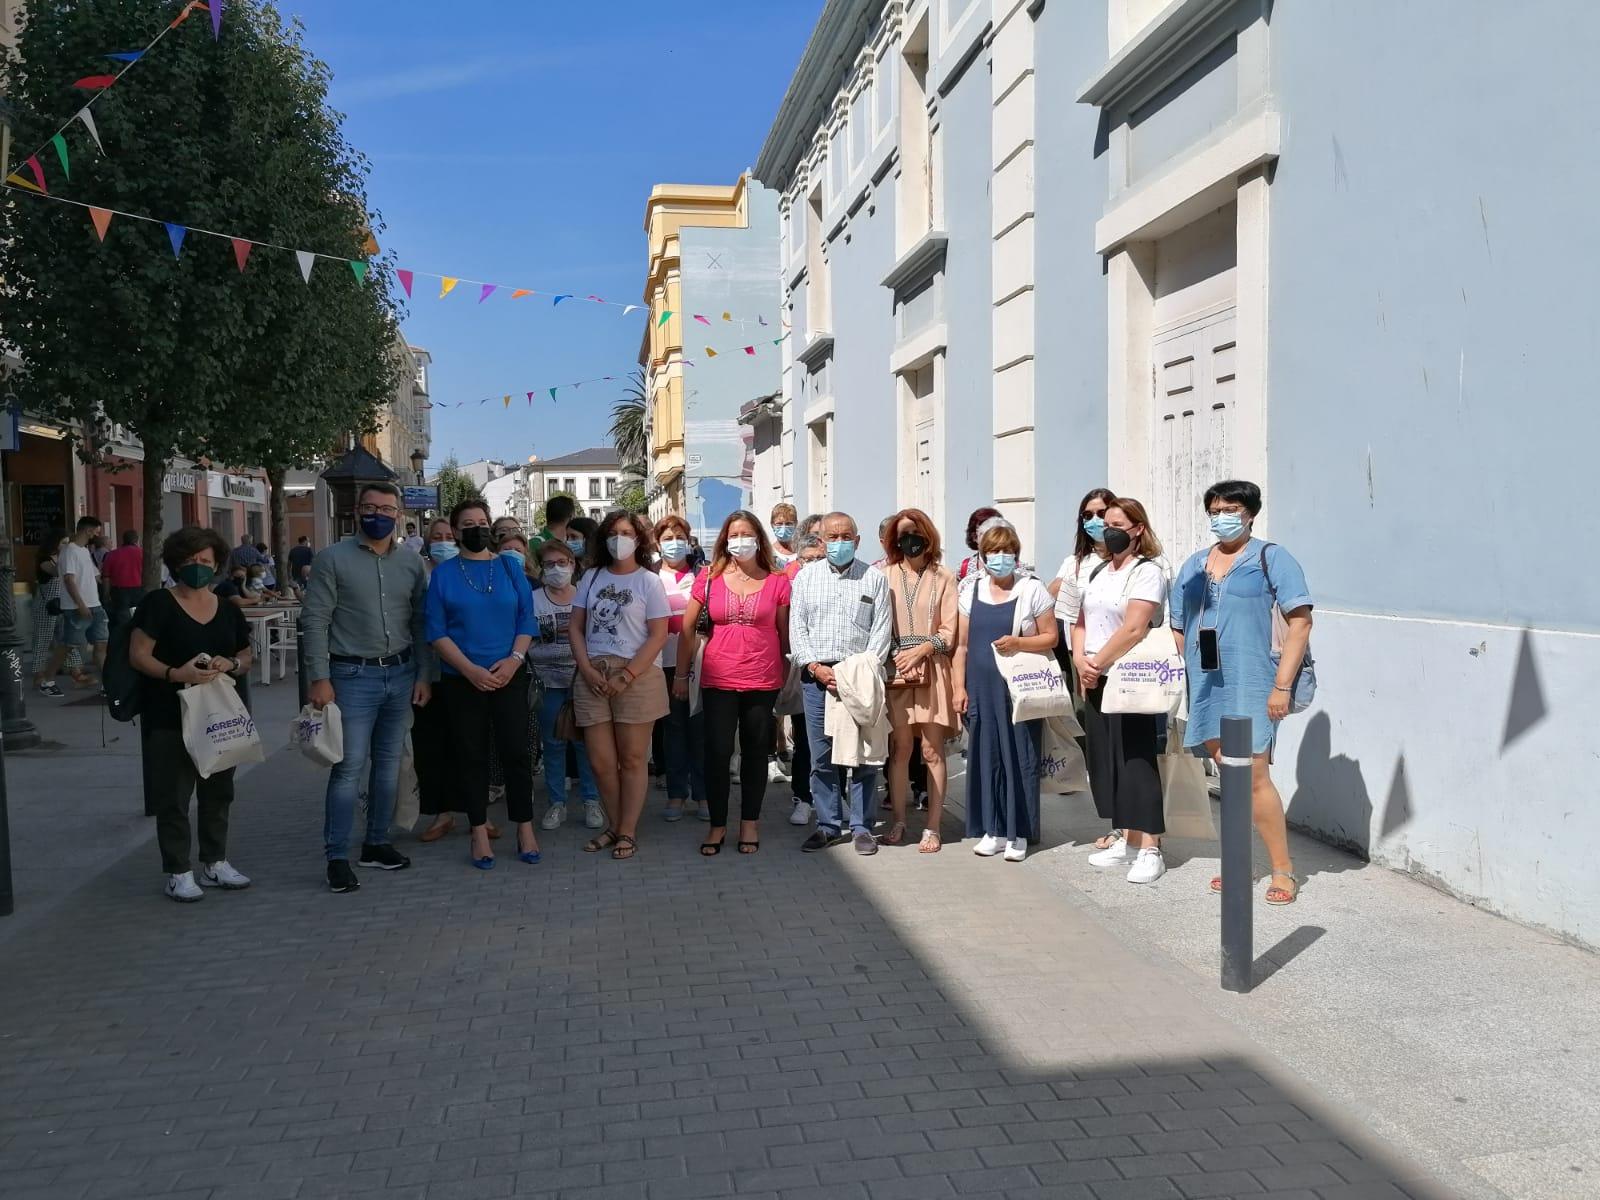 A Xunta anima á modernización e empoderamento das mulleres do mar no encontro de redeiras en Ribadeo